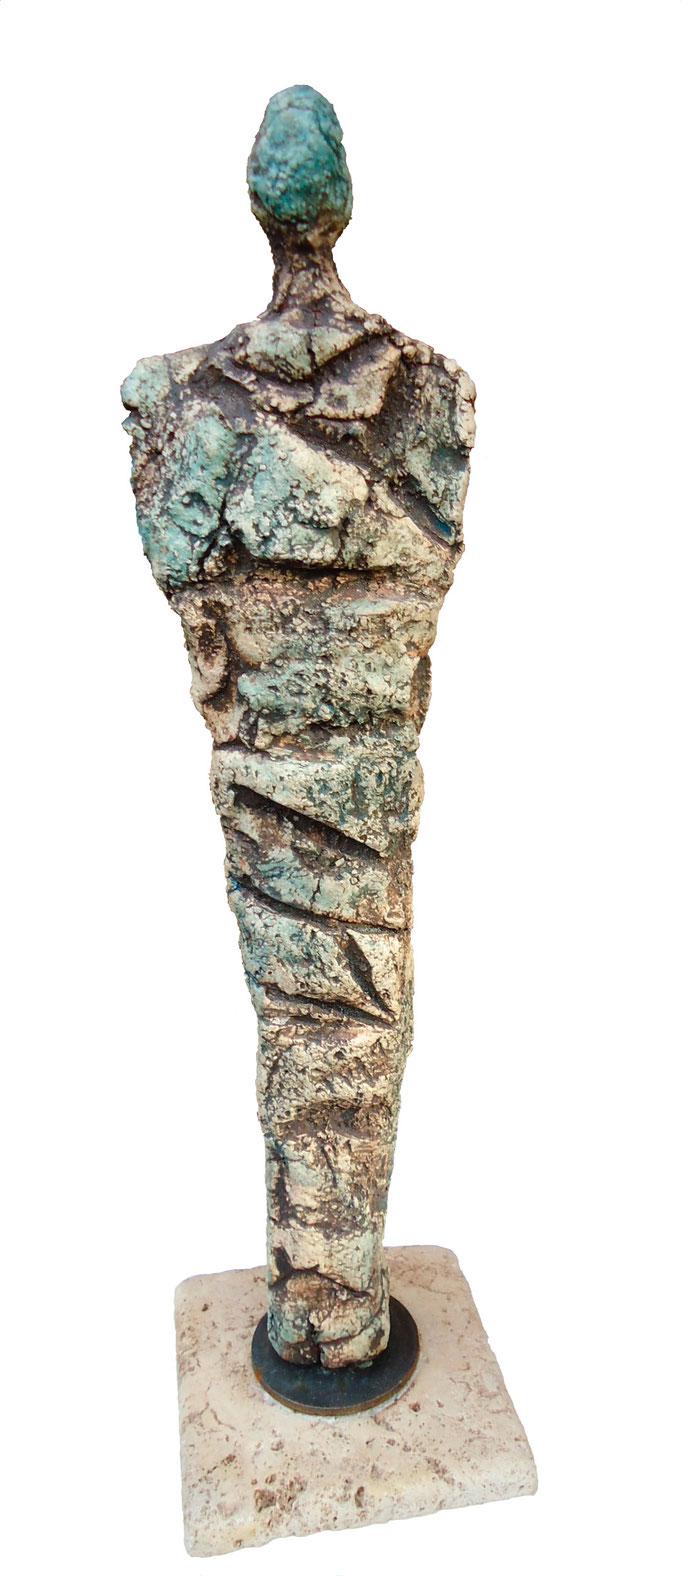 Skulptur aus Ton mit Engoben gebrannt